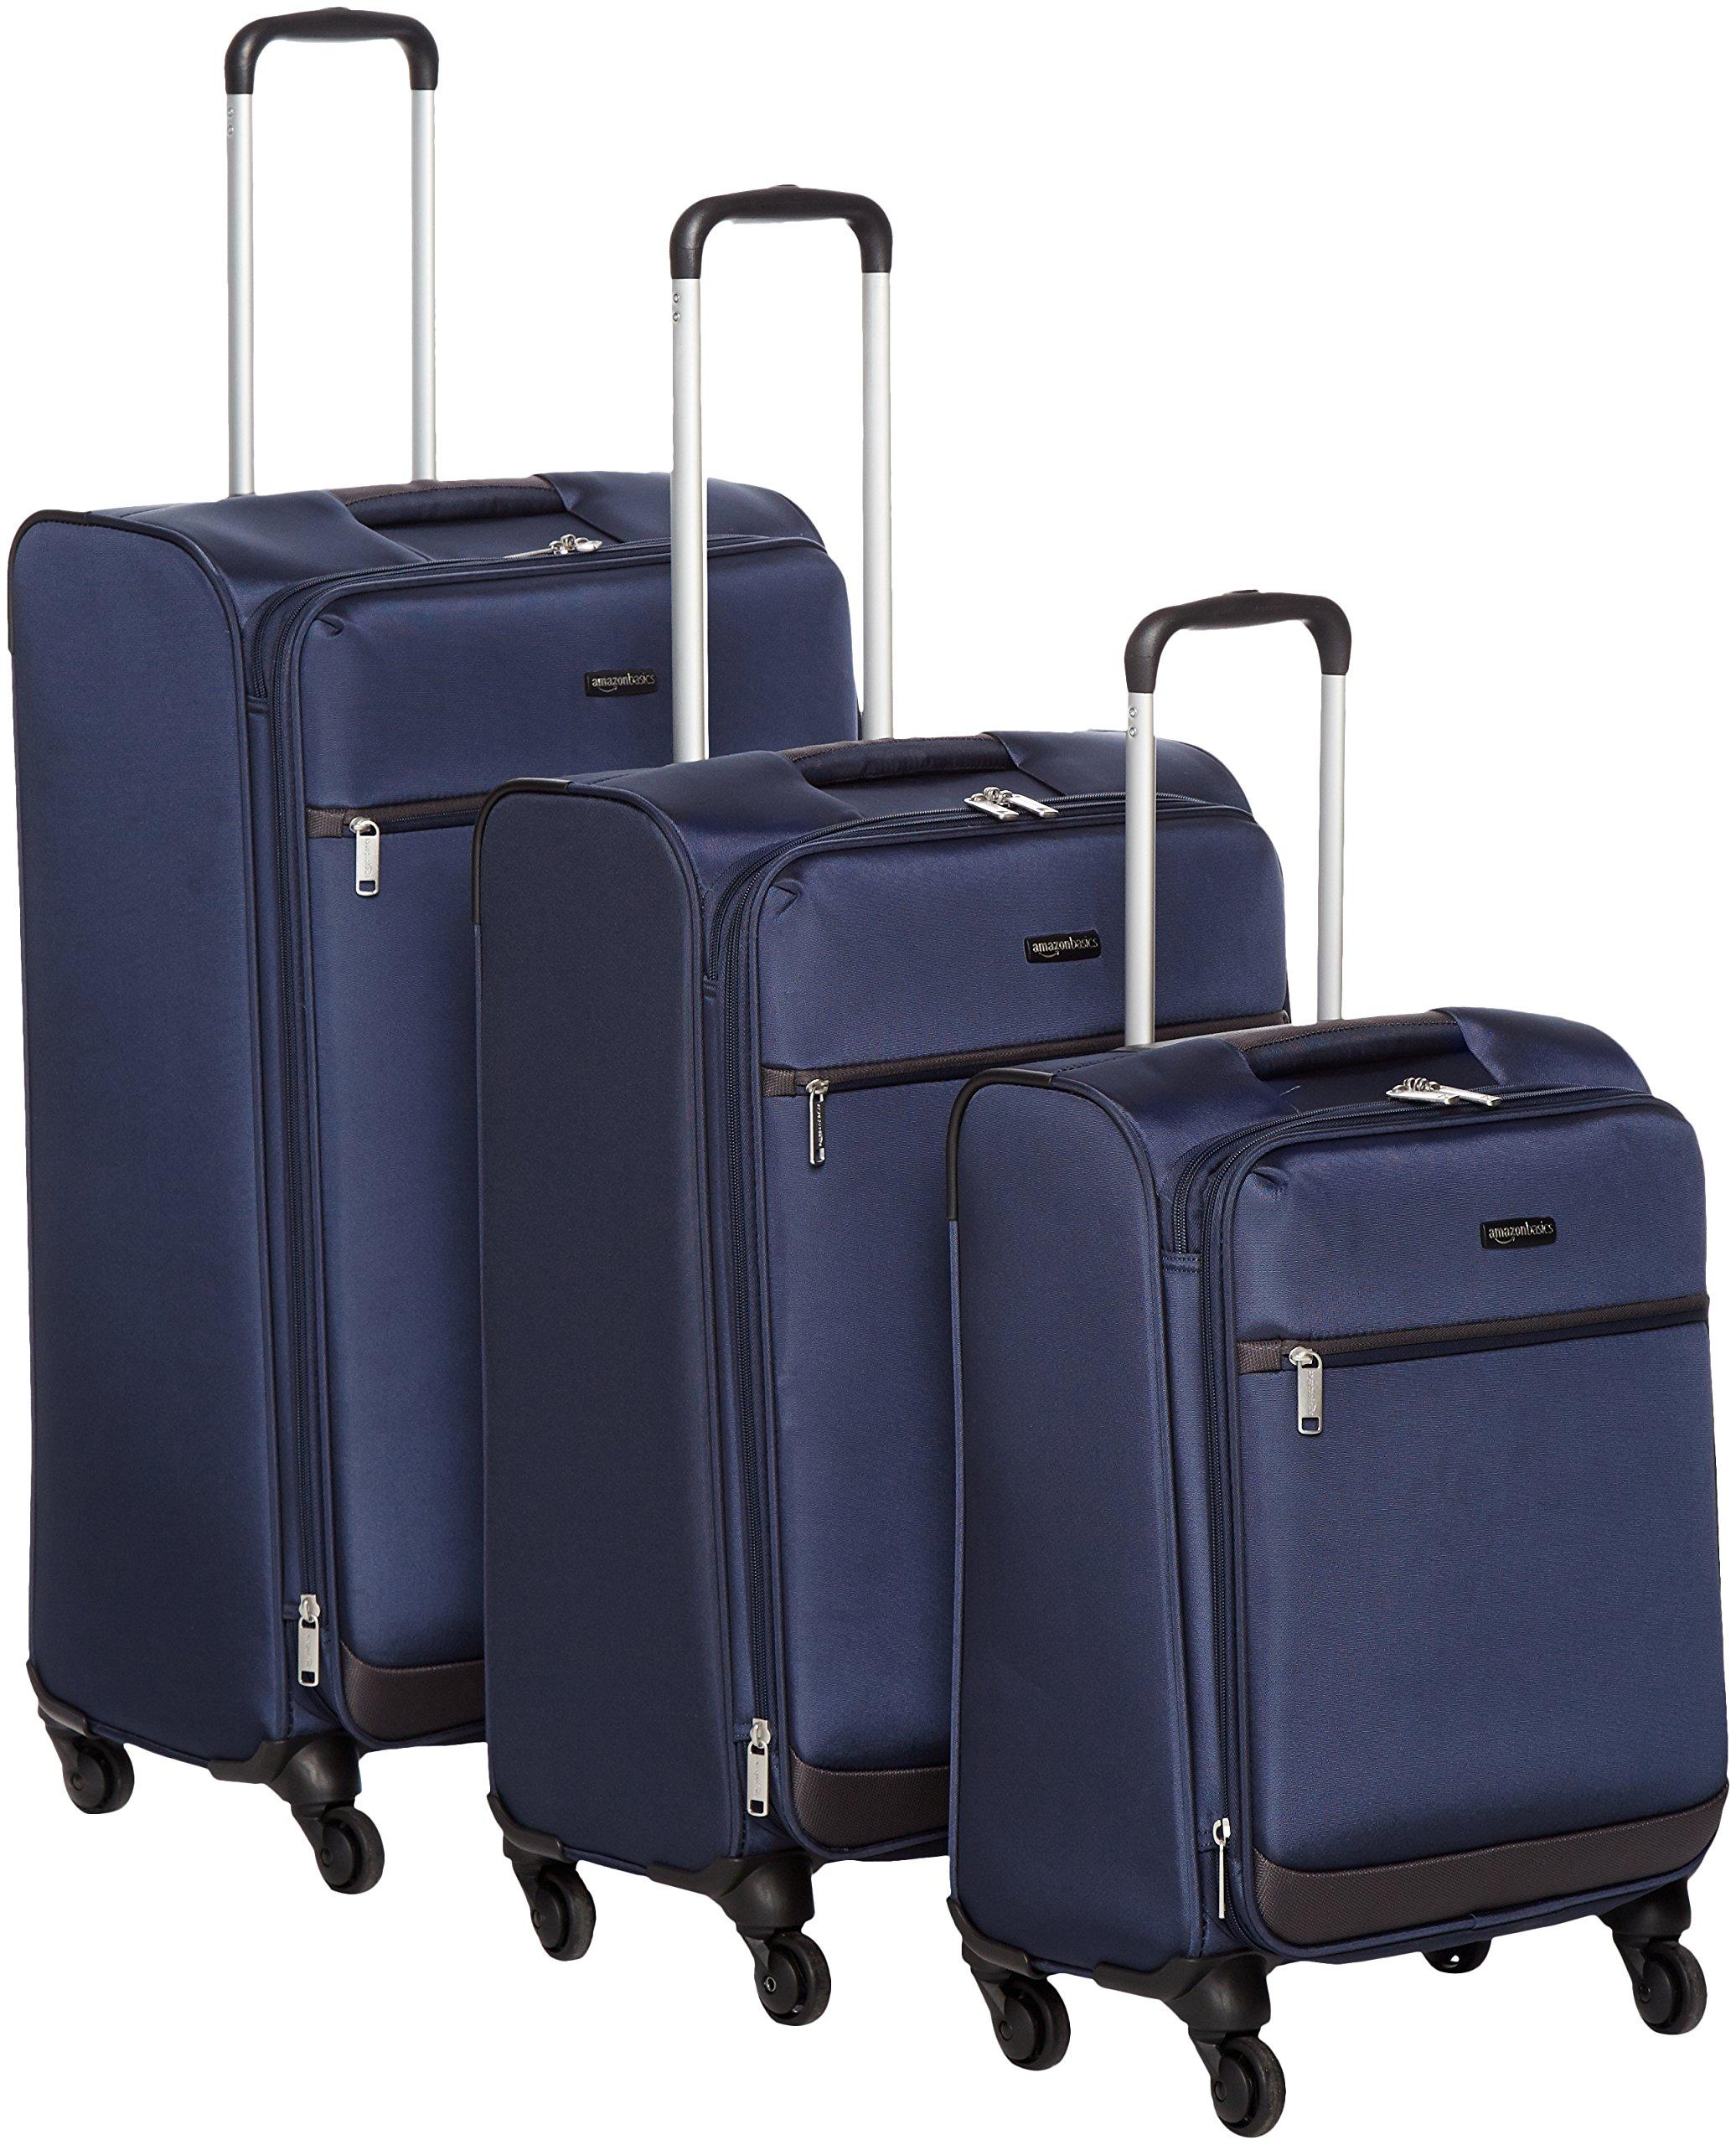 AmazonBasics Softside Spinner Luggage - 3 Piece Set (21'', 25'', 29''), Navy Blue by AmazonBasics